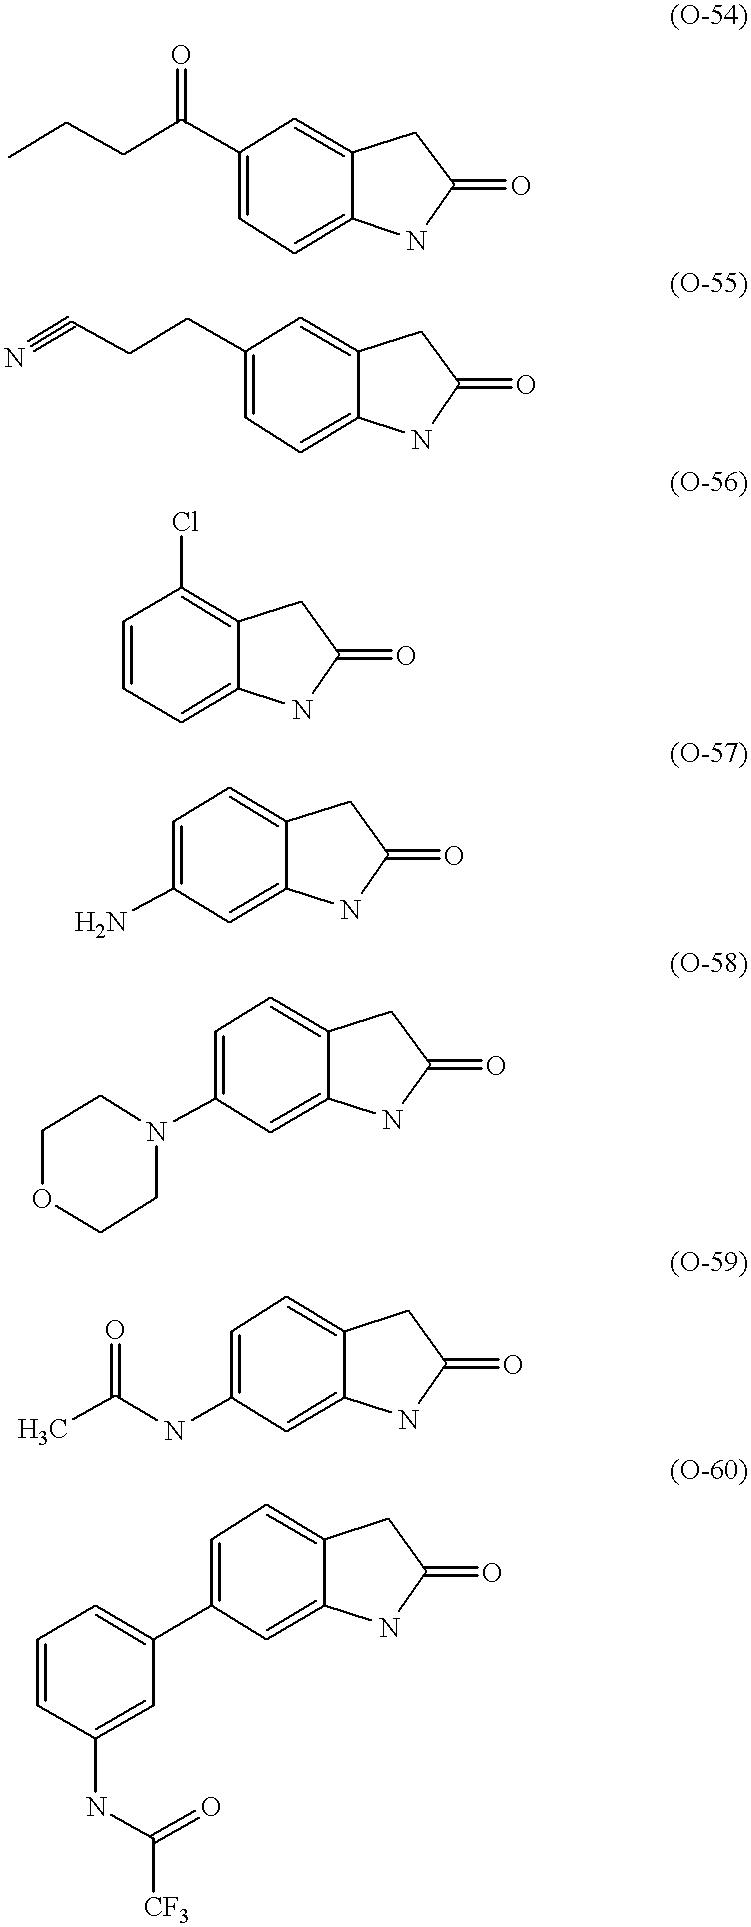 Figure US06514981-20030204-C00010